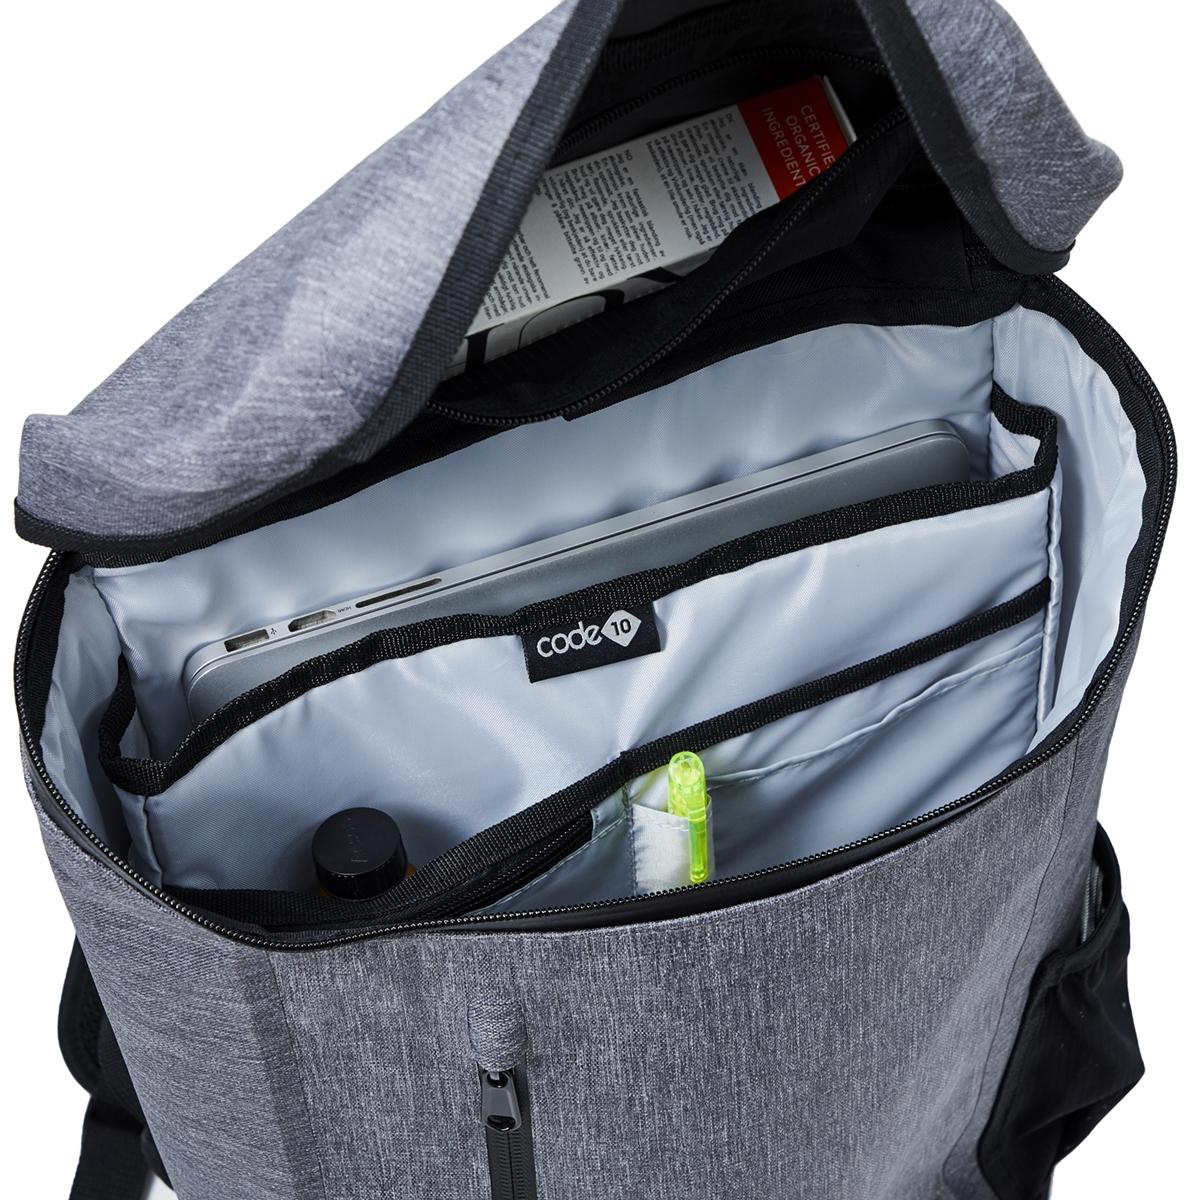 8つの内ポケットを完備したハイテク収納の都会的なバックパック《DAYPACK》|Code 10(コードテン)